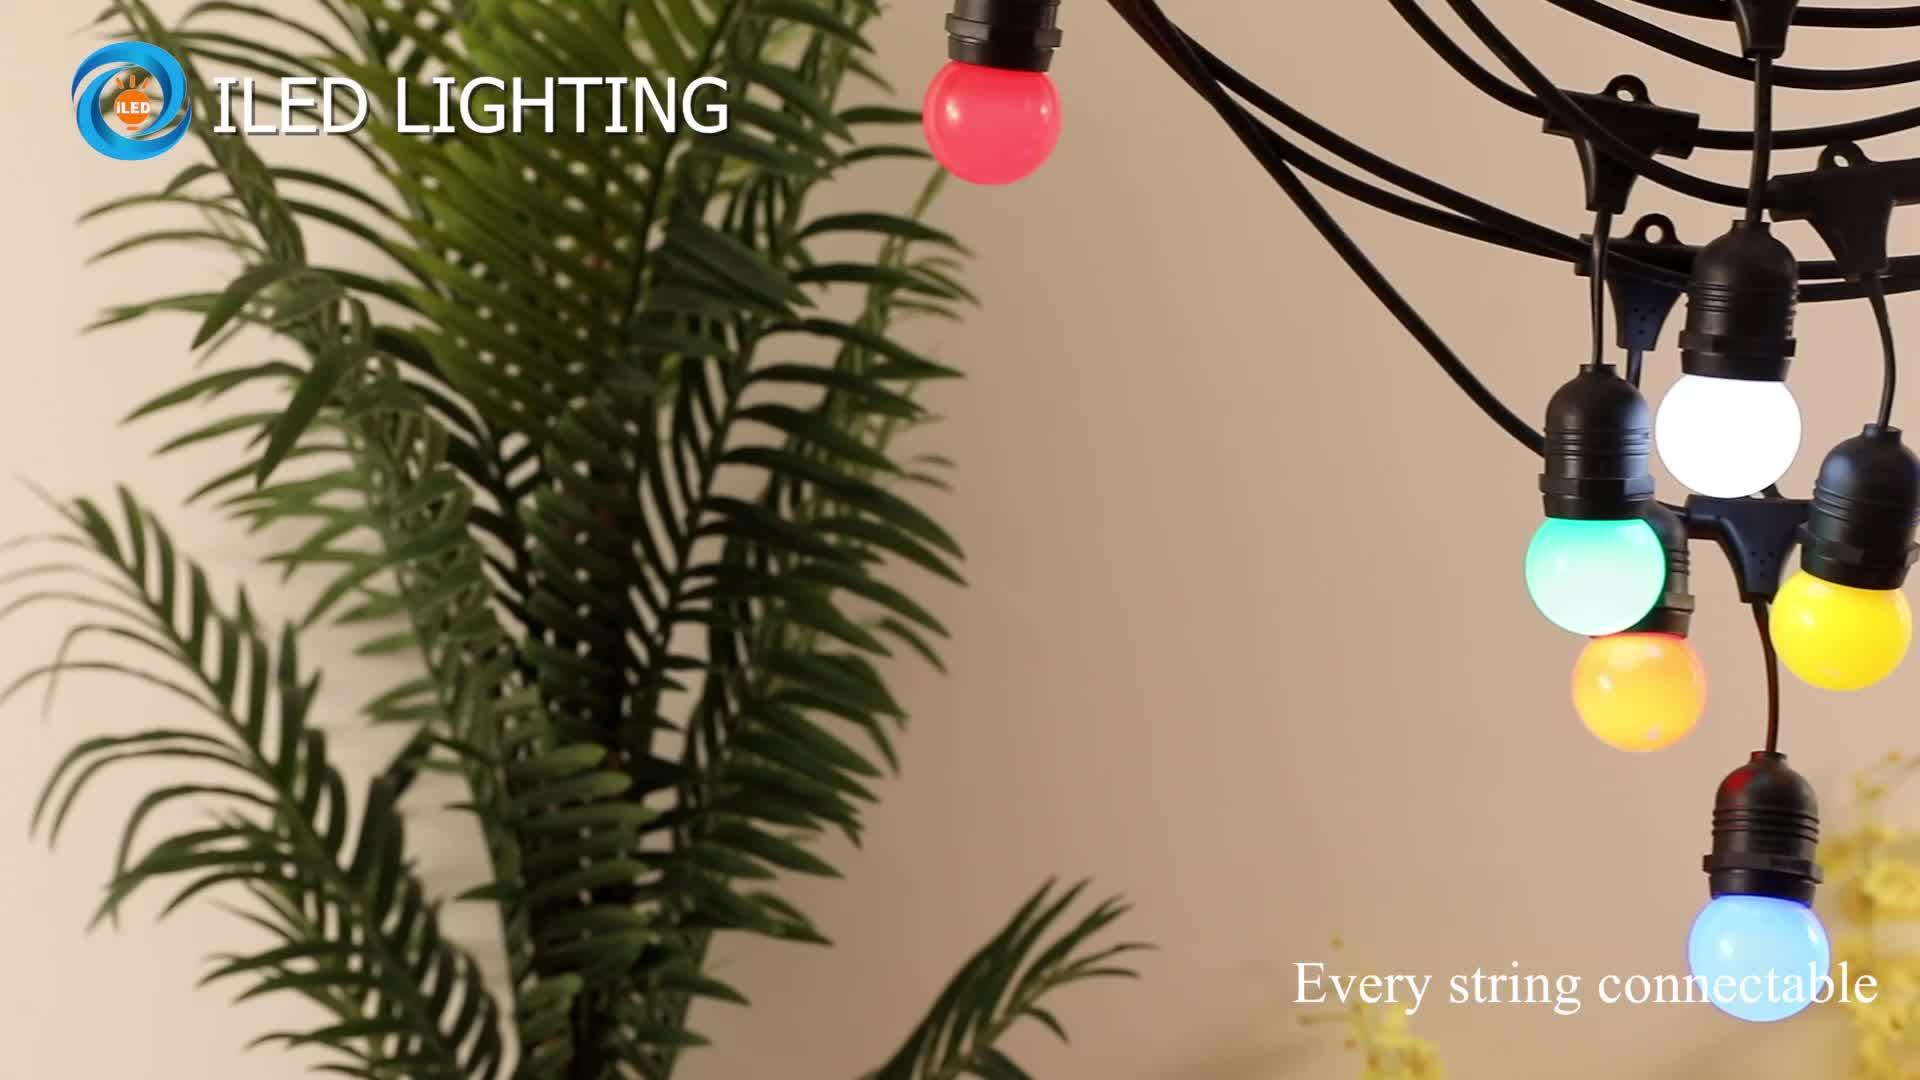 תליית S14 בציר אדיסון נורות 48ft מסחרי גן חג המולד המפלגה פאטיו אור עמיד למים IP65 Led חיצוני מחרוזת אורות